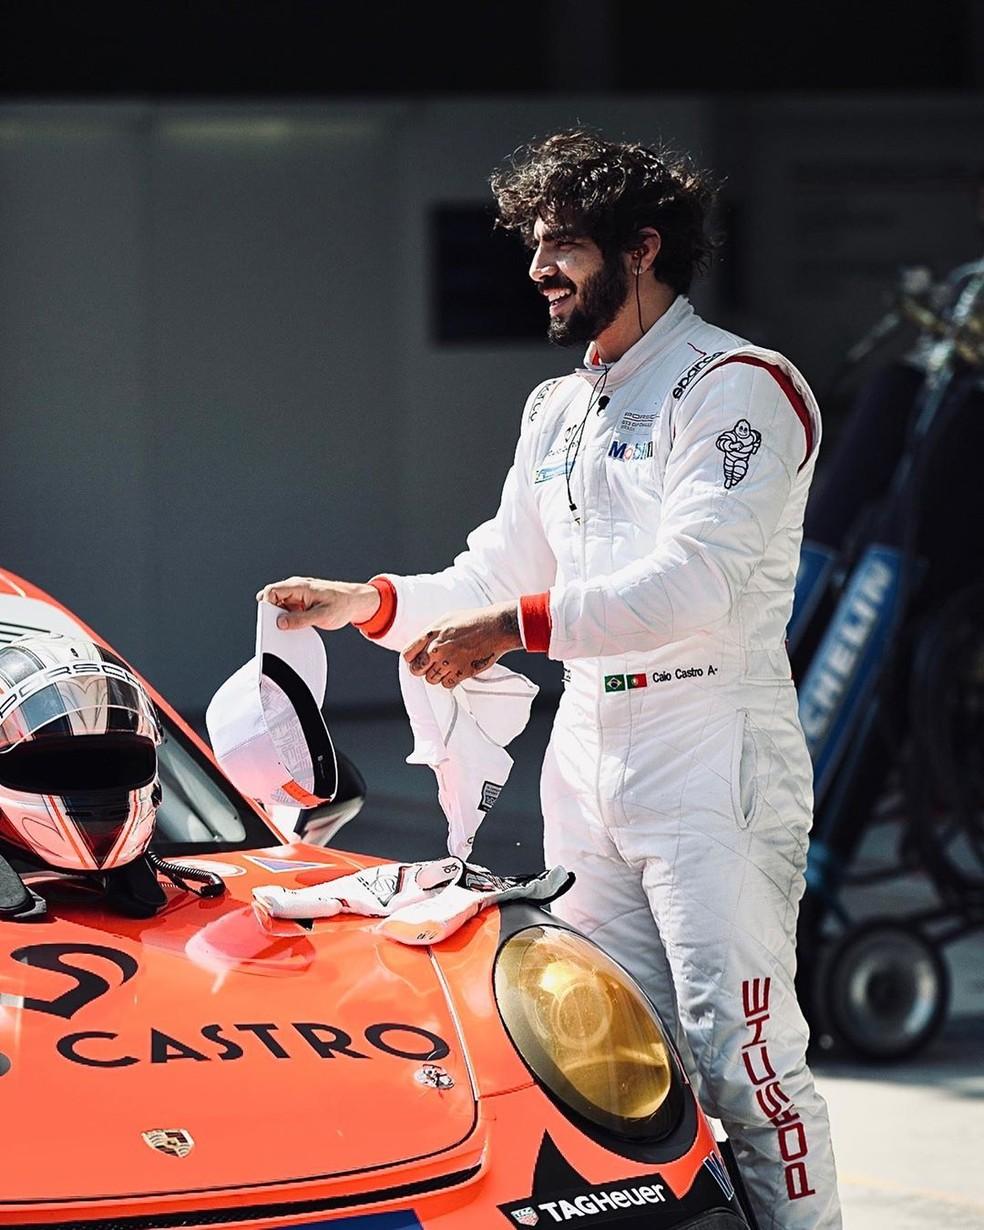 Caio Castro durante o anúncio de seu novo desafio no automobilismo — Foto: Reprodução/Instagram